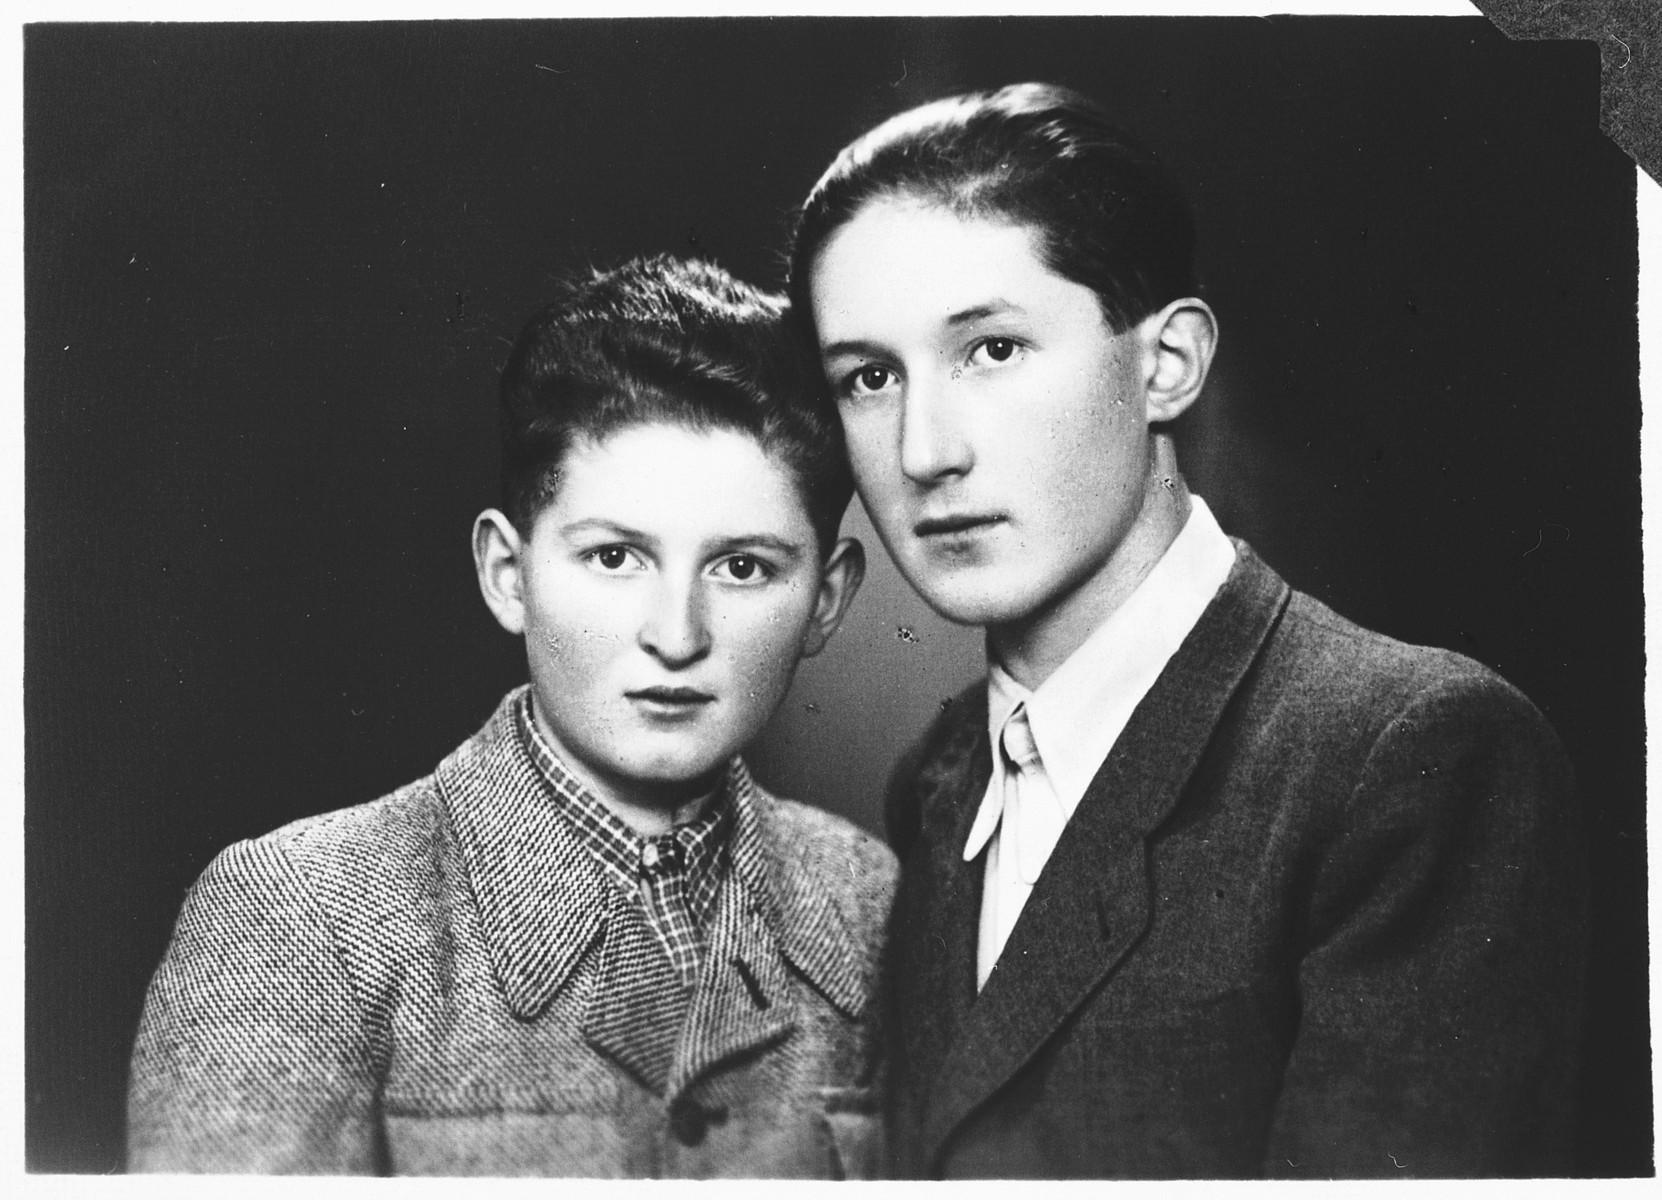 Studio portrait of Julius and Erwin Buncel.